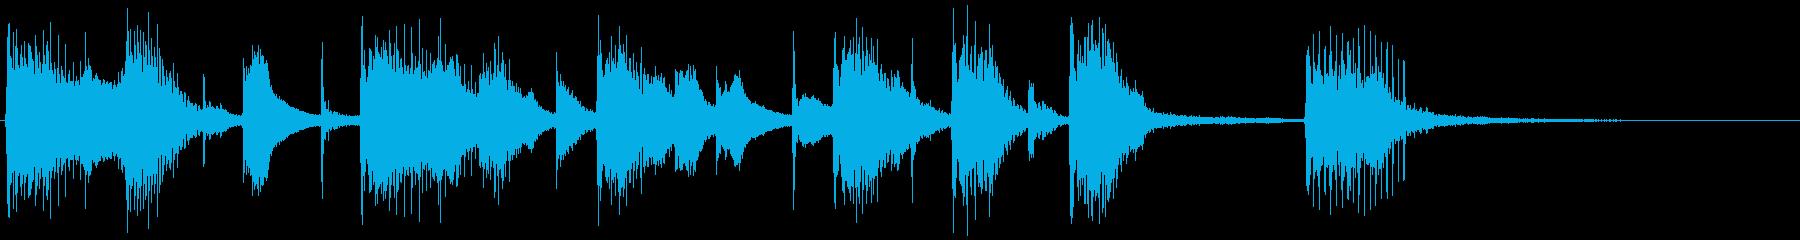 サーカスセグ4の再生済みの波形